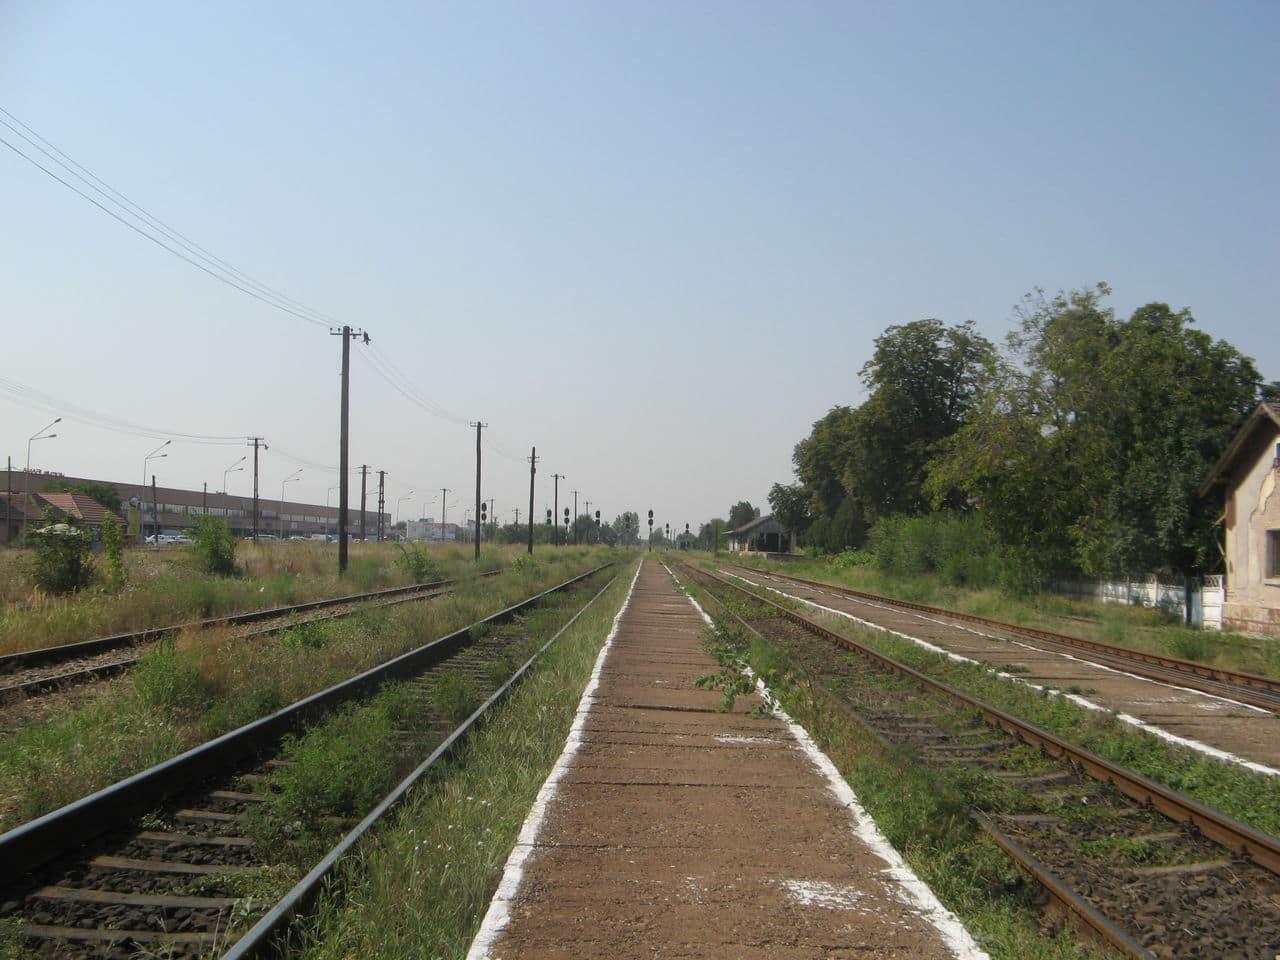 Calea ferată directă Oradea Vest - Episcopia Bihor IMG_0002